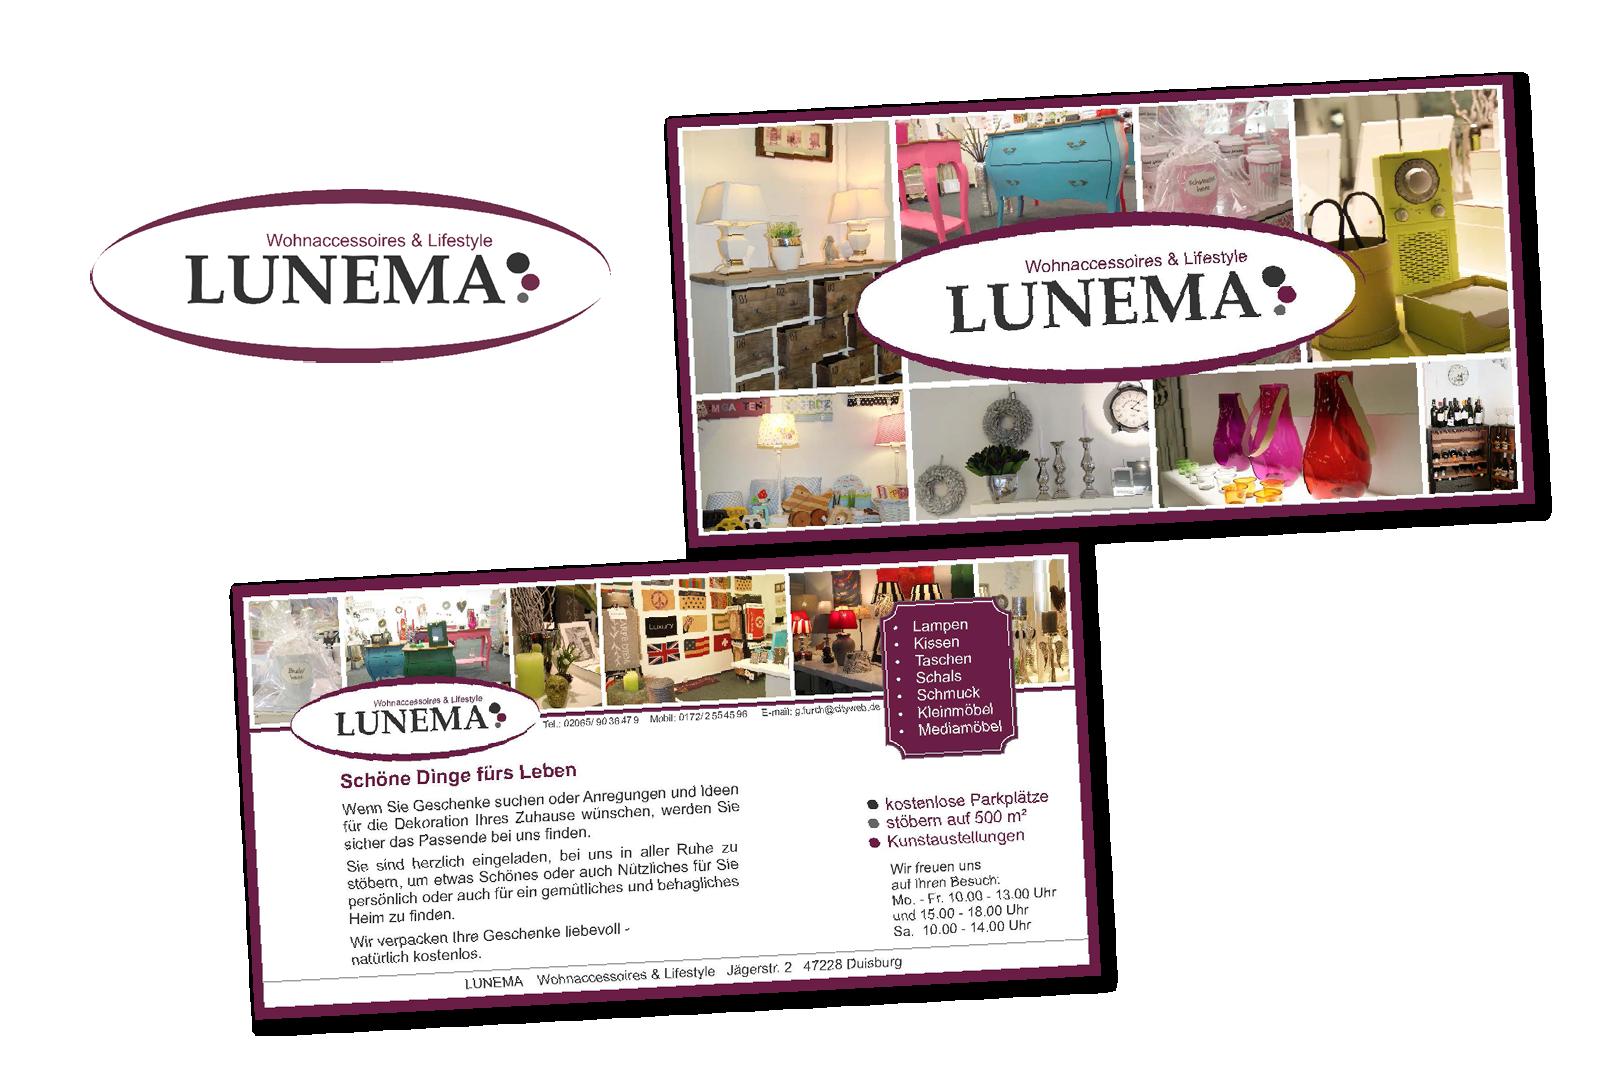 Lunema Wohnaccessoires und Lifestyle Logo und Flyer